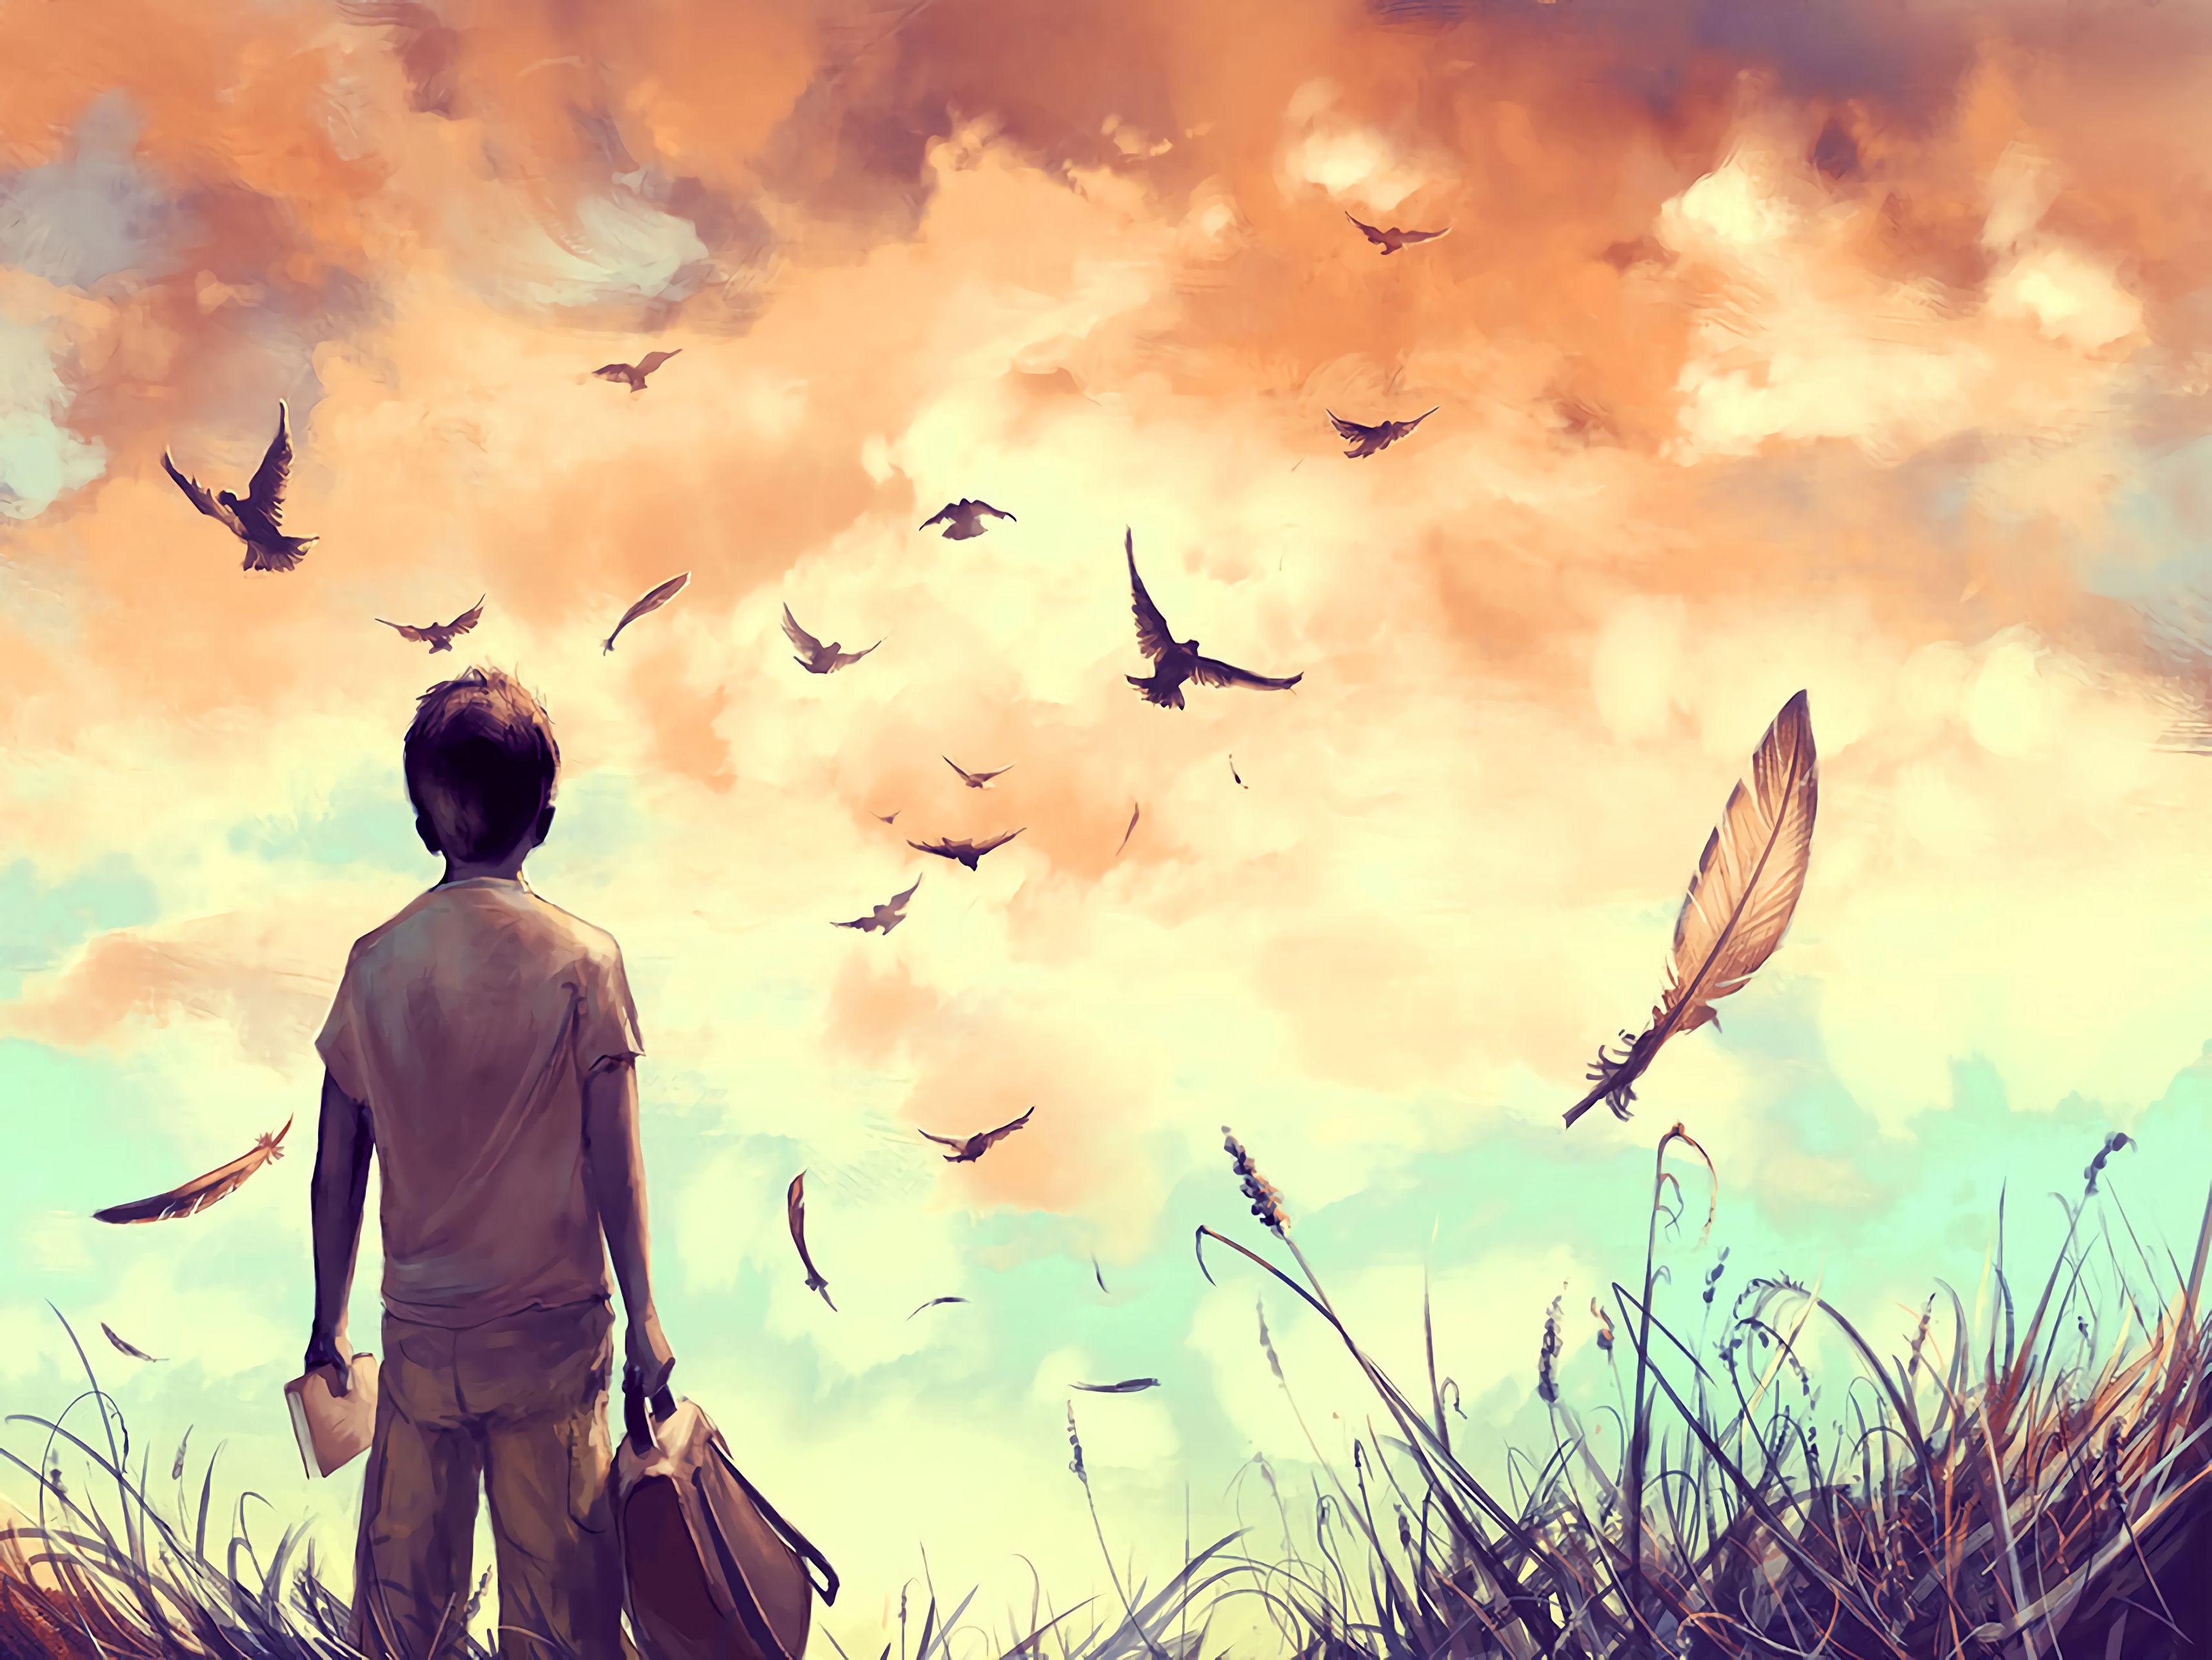 96878 Hintergrundbild herunterladen Vögel, Kunst, Feder, Junge, Buch, Rucksack, Freiheit - Bildschirmschoner und Bilder kostenlos